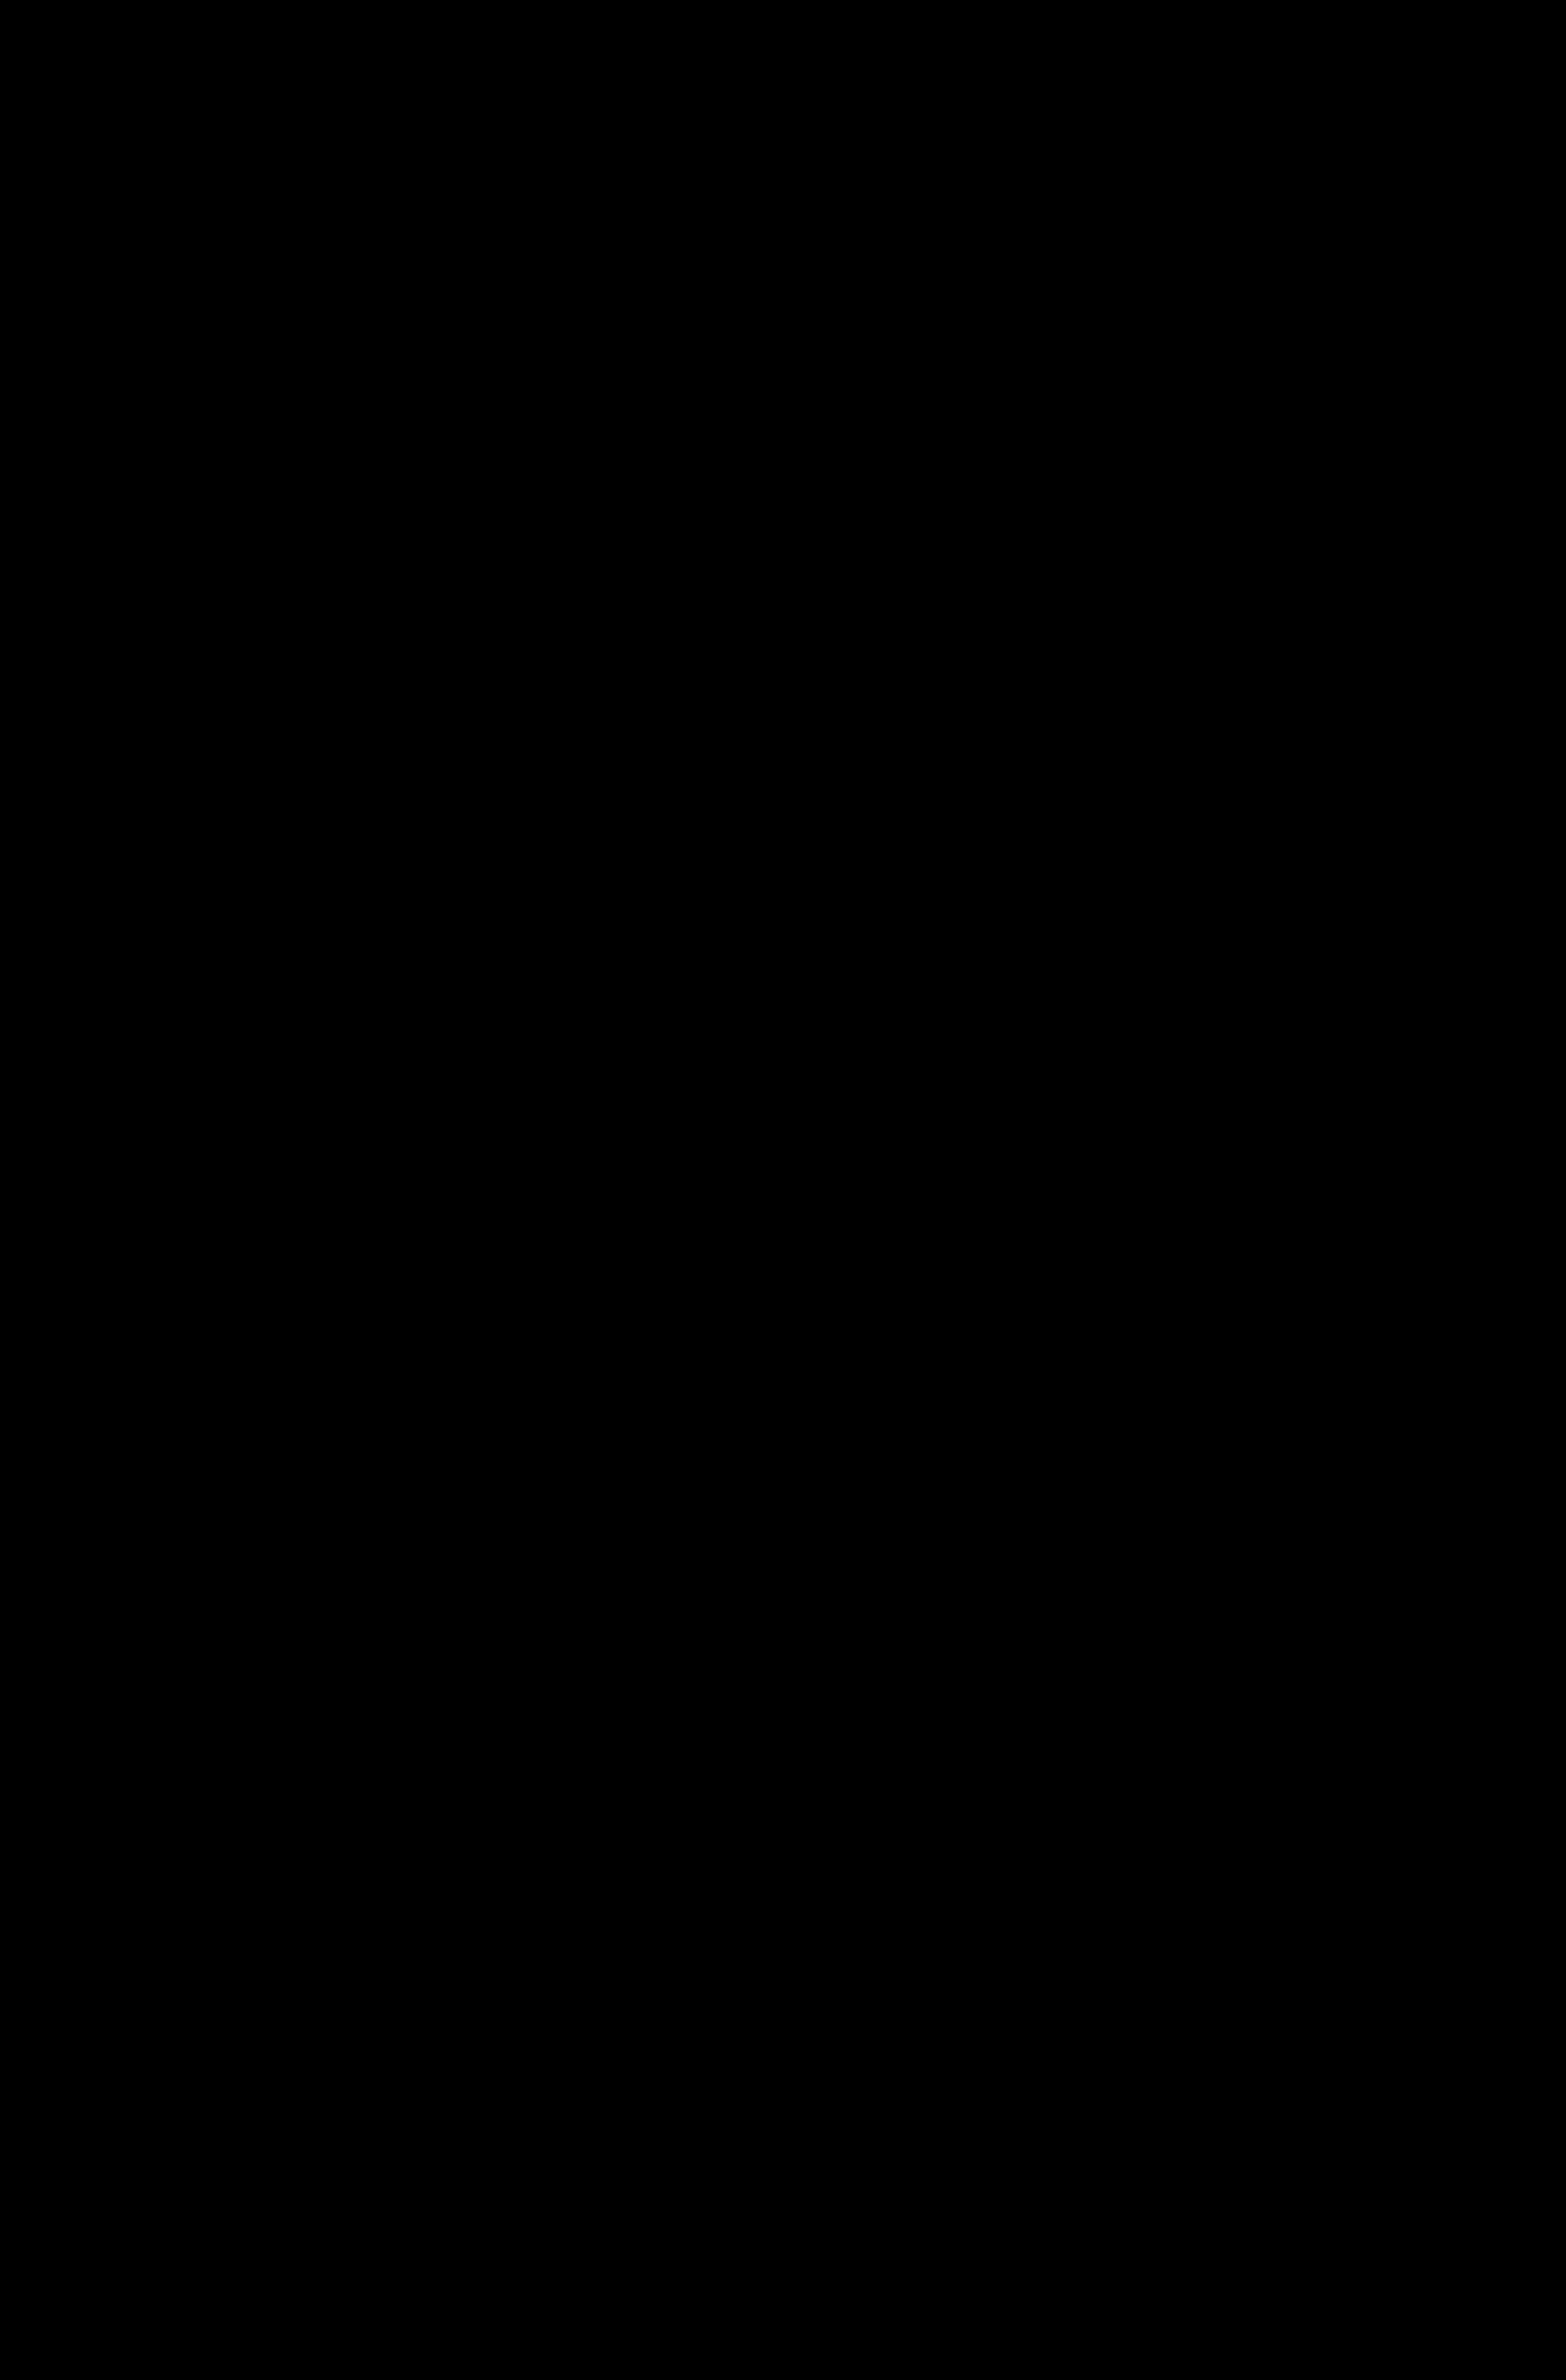 2019 에코노베이션 신입회원 모집